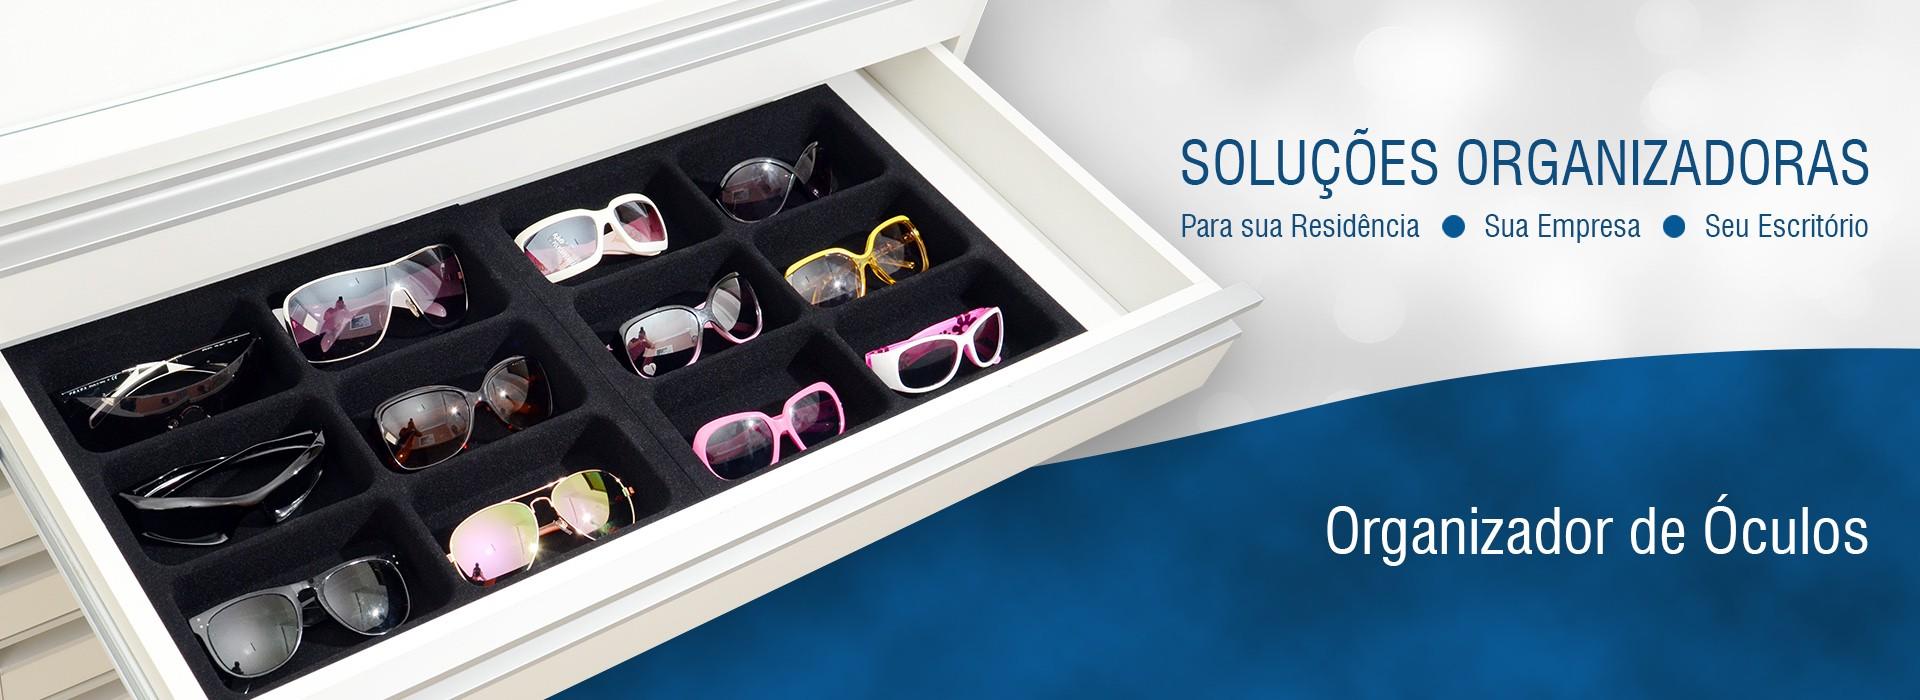 Organizador de Óculos Aveludado